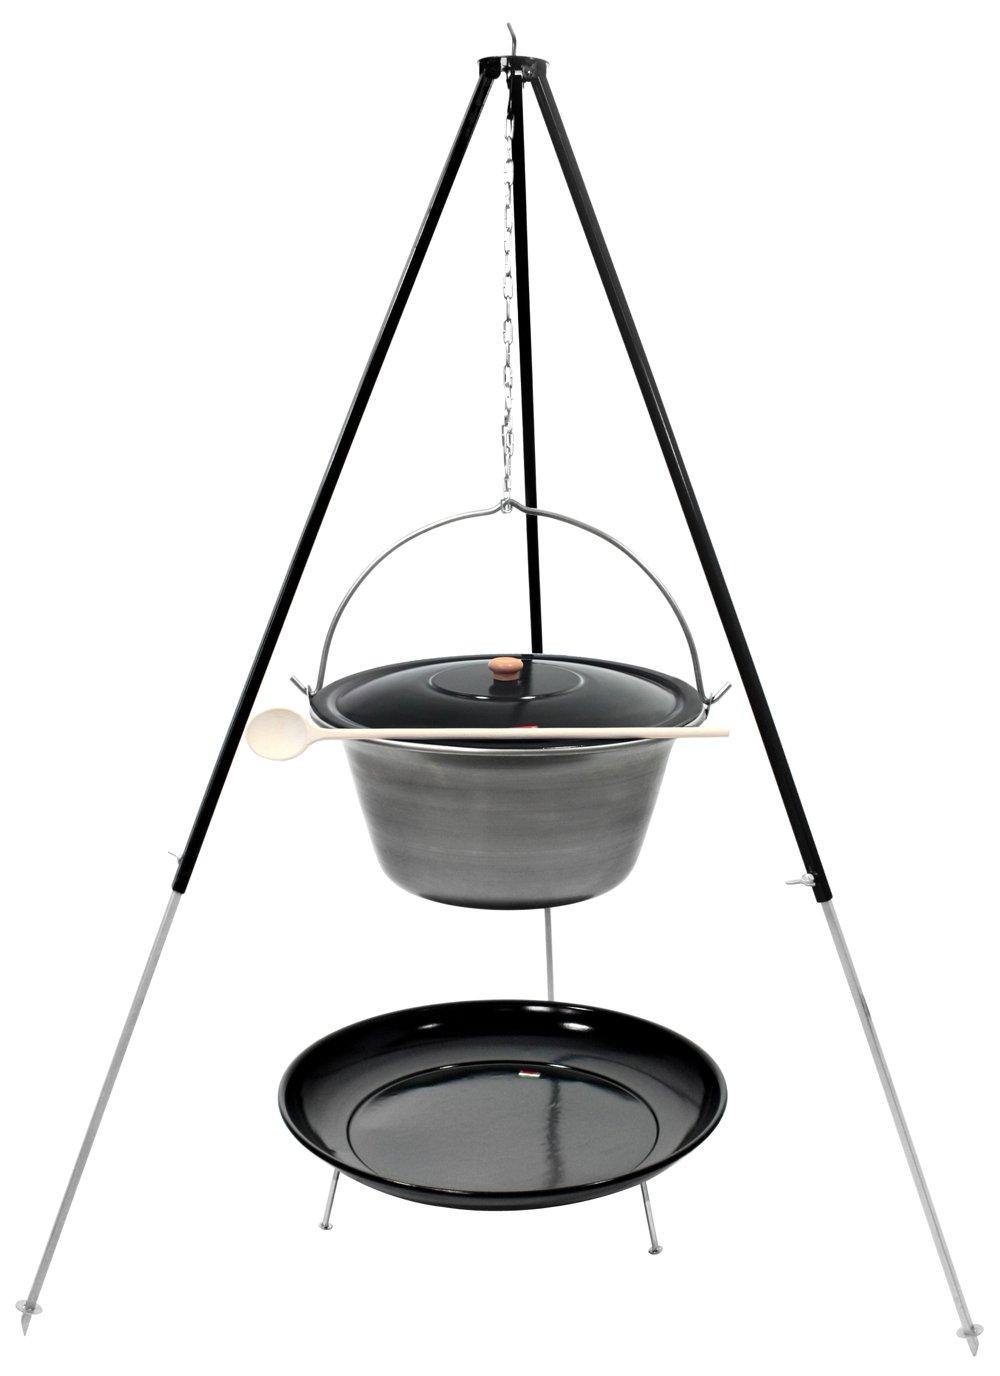 Grillplanet Gulaschkessel Dreibein Set (22 Liter Topf aus Eisen + Deckel + 1, 80 m Dreibein + Feuerschale emailliert)